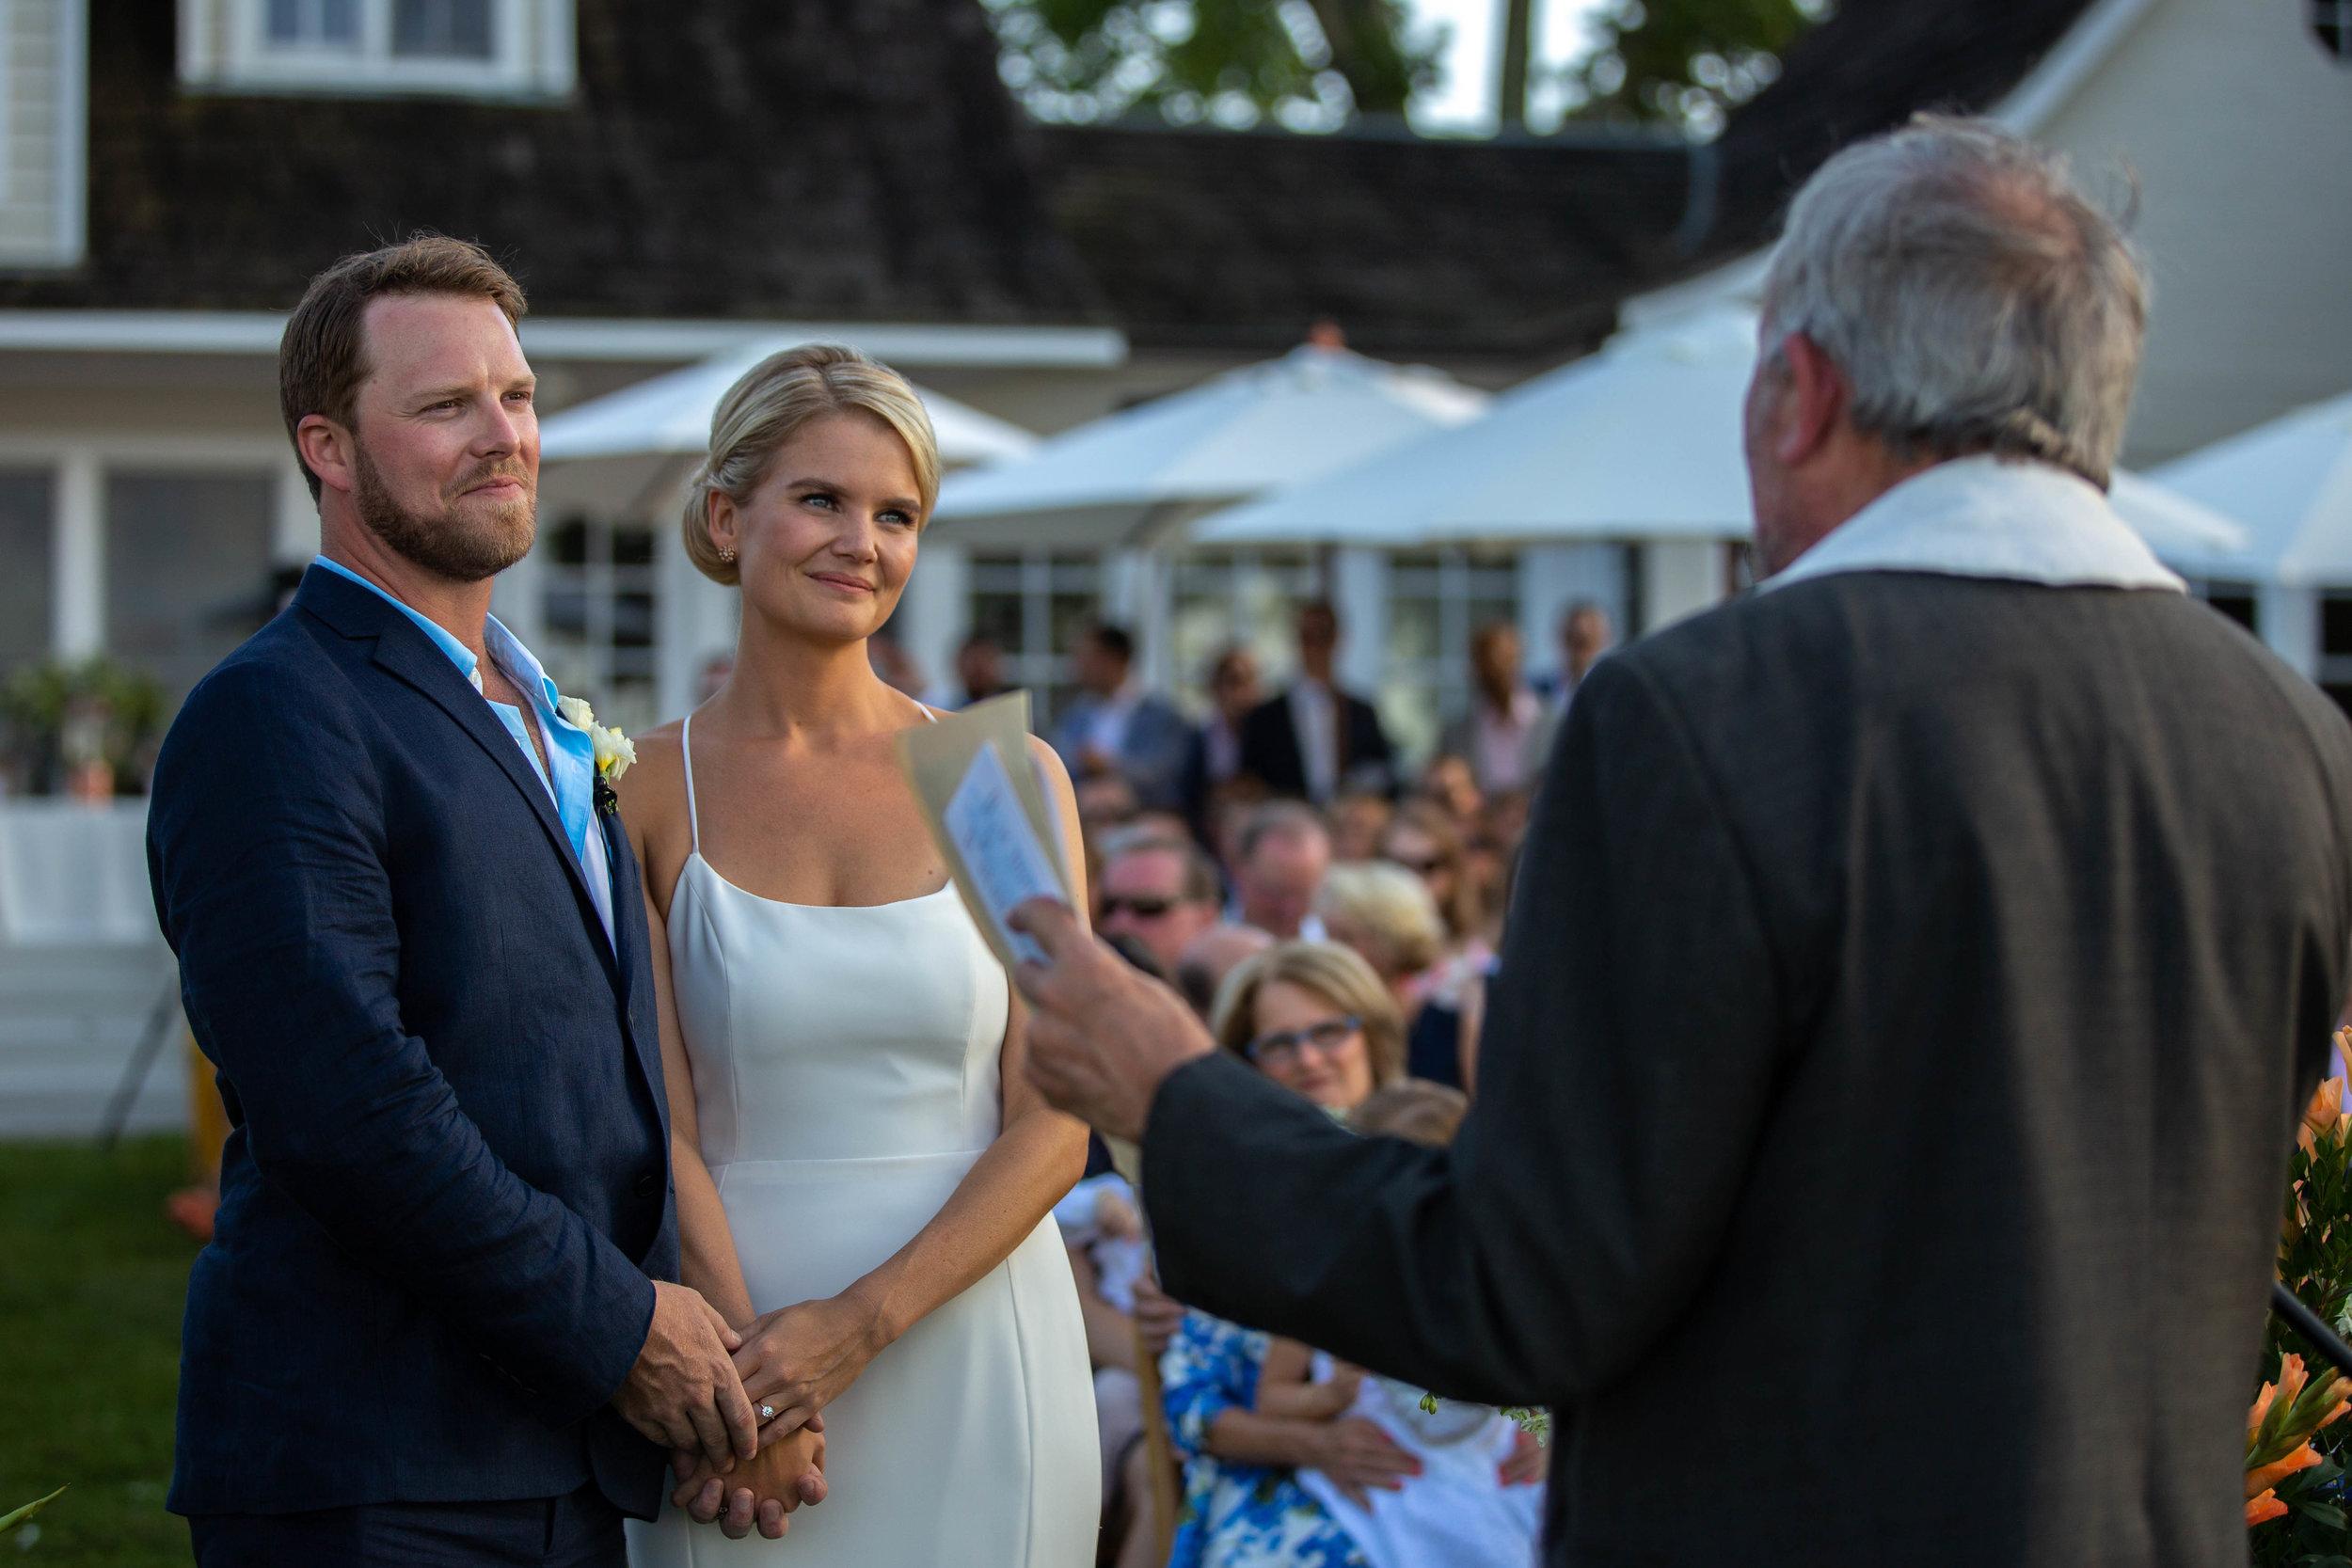 Bethy & Shawn wedding ceremony